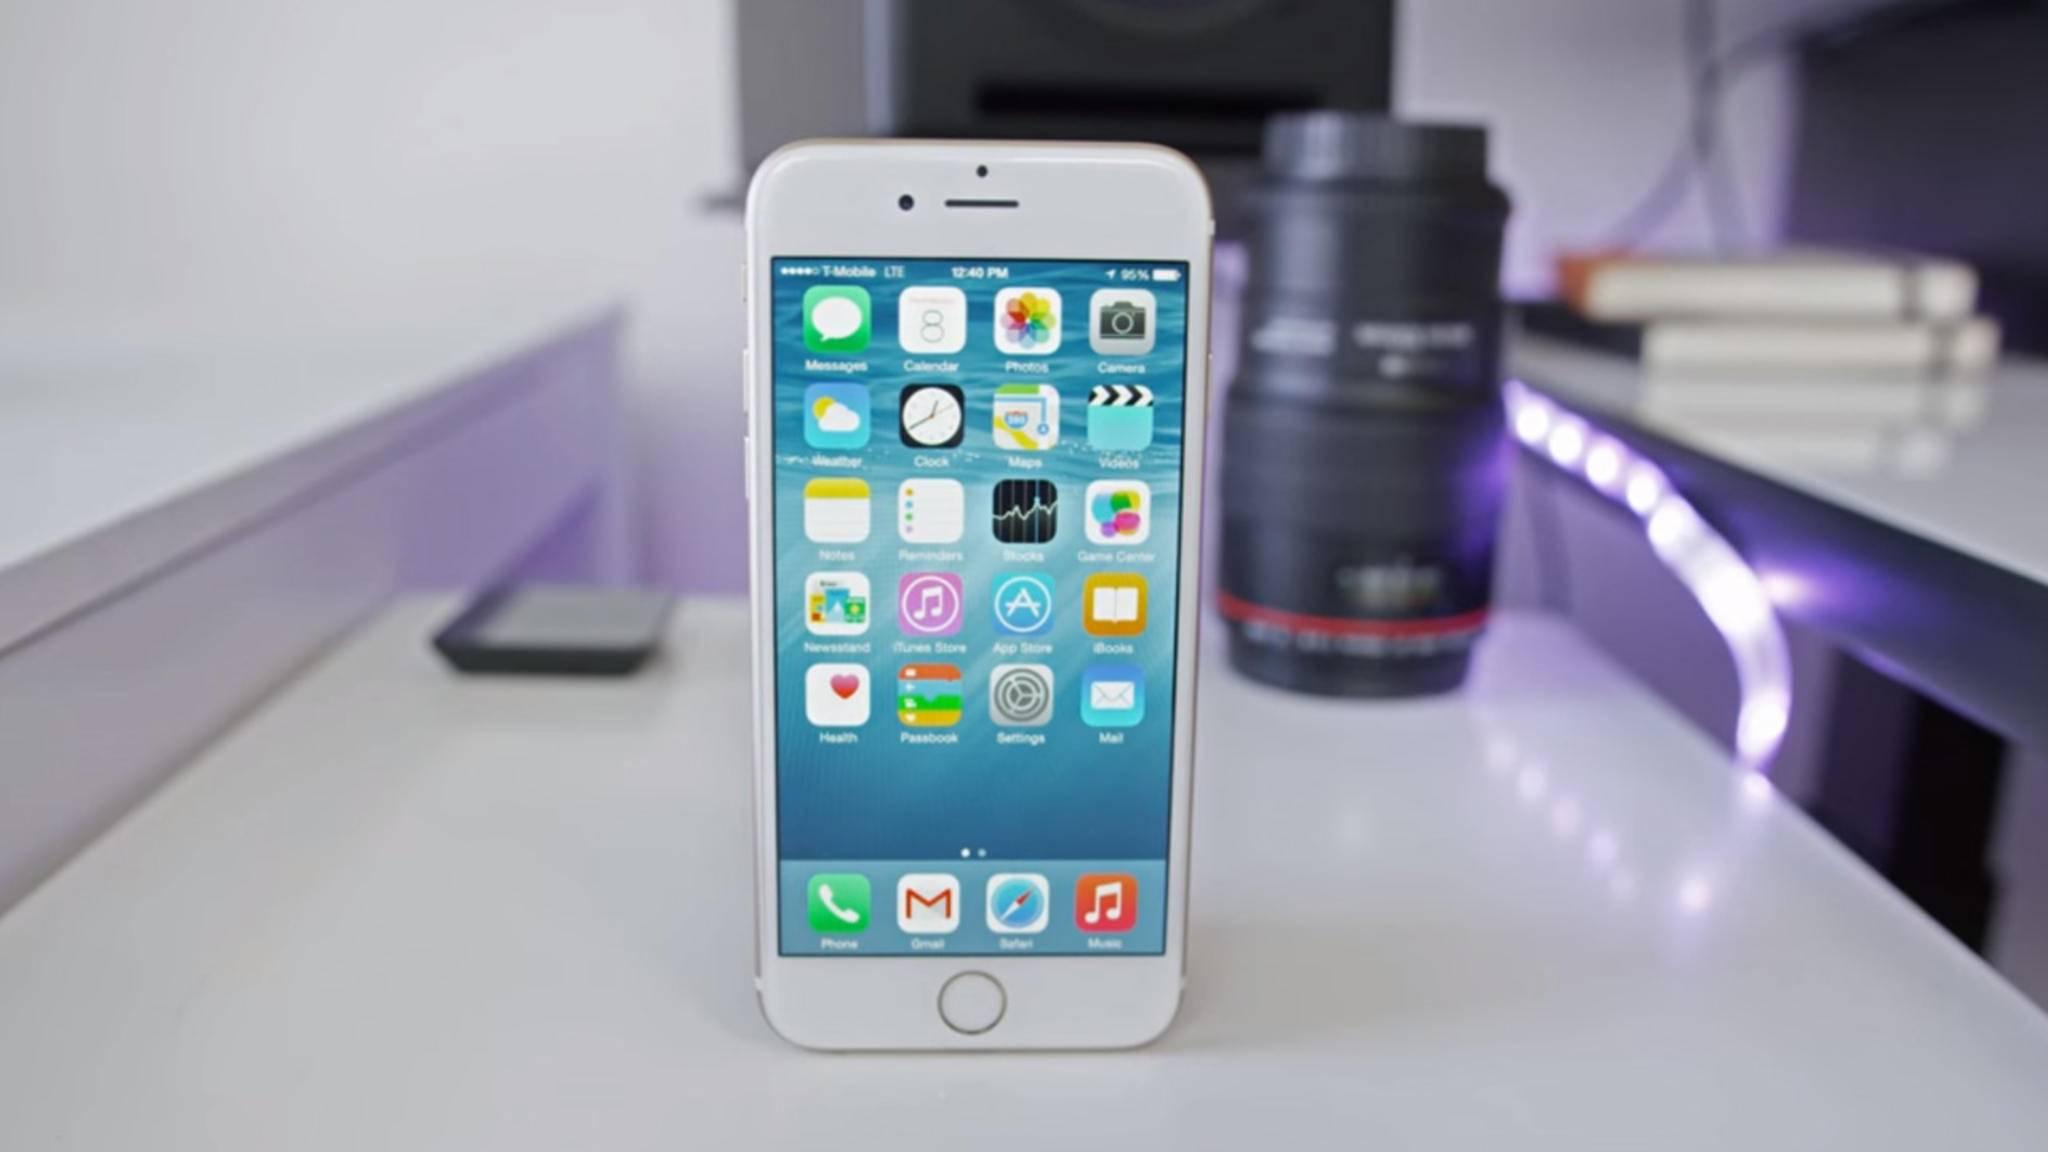 Die Performance des iPhone 6 leidet extrem unter dem Update auf iOS 11.2.2.